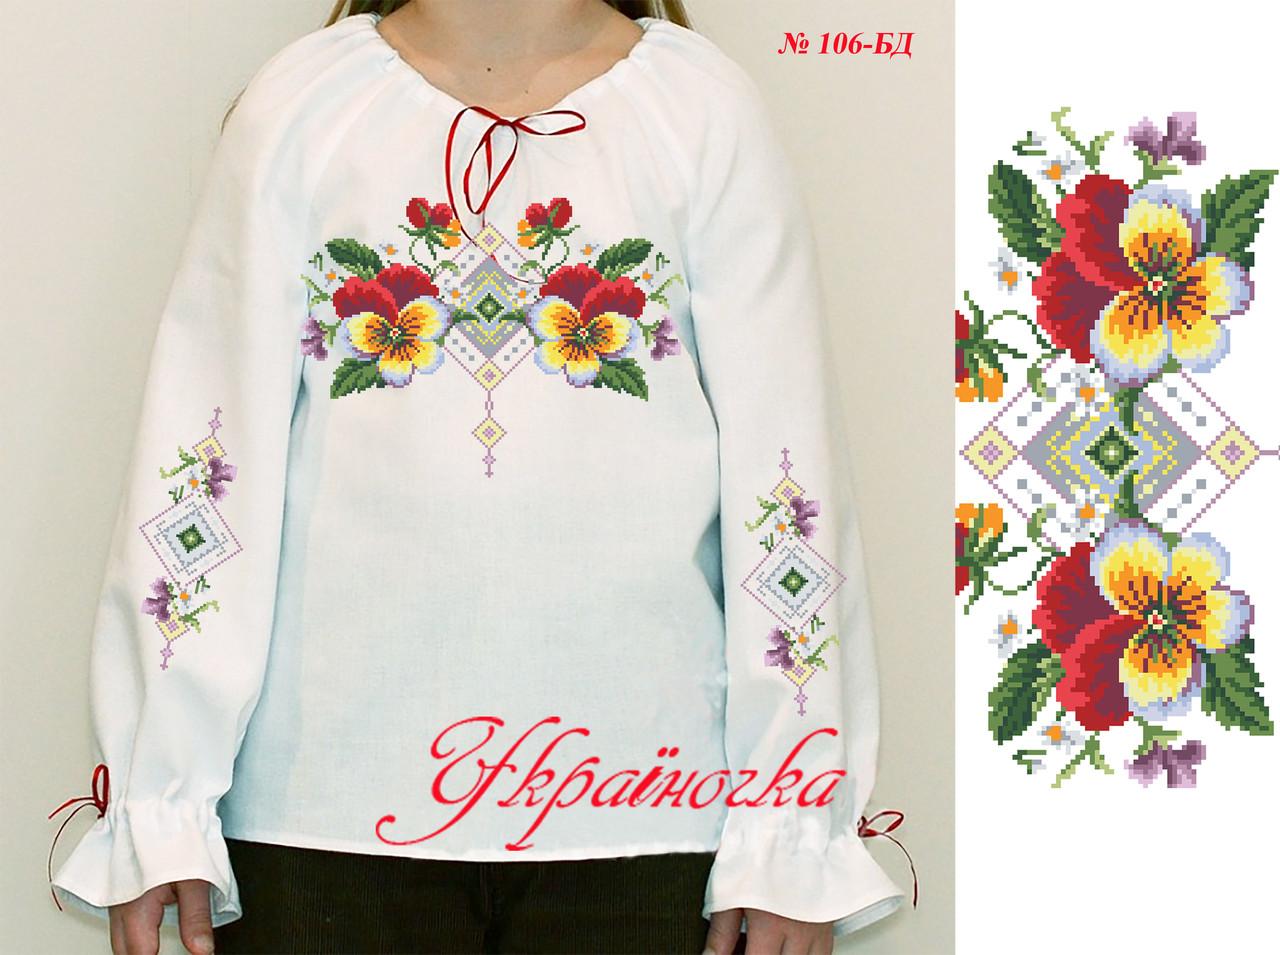 Заготовка блузы для девочки под вышивку БД-106 - Интернет-магазин Hobby  Produkt в 8ccc402b6101f